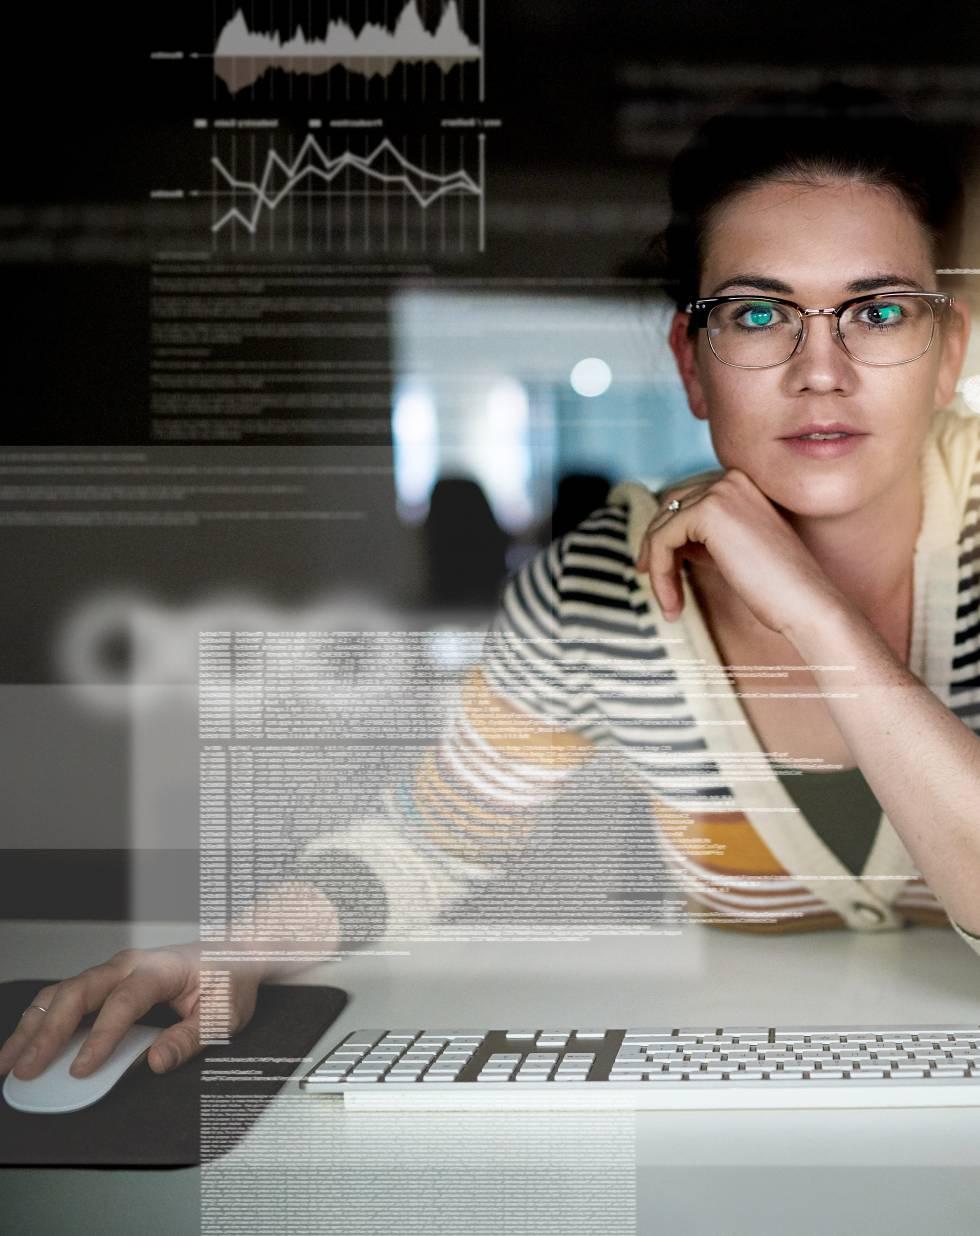 """La semana pasada, un  ingeniero de Google apuntaba """"diferencias biológicas""""  como explicación de la poca presencia de mujeres en la industria tecnológica. Fue despedido en medio de una tormenta mediática. El porcentaje femenino en tecnología ha caído desde principios de los 90 del 36 al 25% en Estados Unidos. En la  Unión Europea son el 16% , mientras que en España no llegan al 20. Eso en puestos de trabajo no ejecutivos: los cargos de dirección de compañías de Silicon Valley solo tienen un 11% de representación femenina. La biología no es la razón. Las mujeres son apartadas en su juventud de la computación, que desde el ocio electrónico ya está pensada para potenciar estereotipos masculinos. Después tienen que aguantar en el entorno profesional un ambiente machista fruto de lo que en EE UU se conoce como  bro culture , una prolongación de los comportamientos y el lenguaje de las fraternidades universitarias. Si logran ascender, rara vez se tendrán en cuenta su opinión y sus logros de la misma forma que los de un hombre. Y menos veces aún verán un referente femenino al que se consagre como genio en su terreno. Cuesta encontrar mujeres líderes en los consejos de las tecnológicas, y ese es también un estorbo para que la situación mejore: la falta de modelos. Aquí presentamos a algunas de las mujeres que rompen el techo de bits con puestos de máxima relevancia y todo tipo de perfiles."""